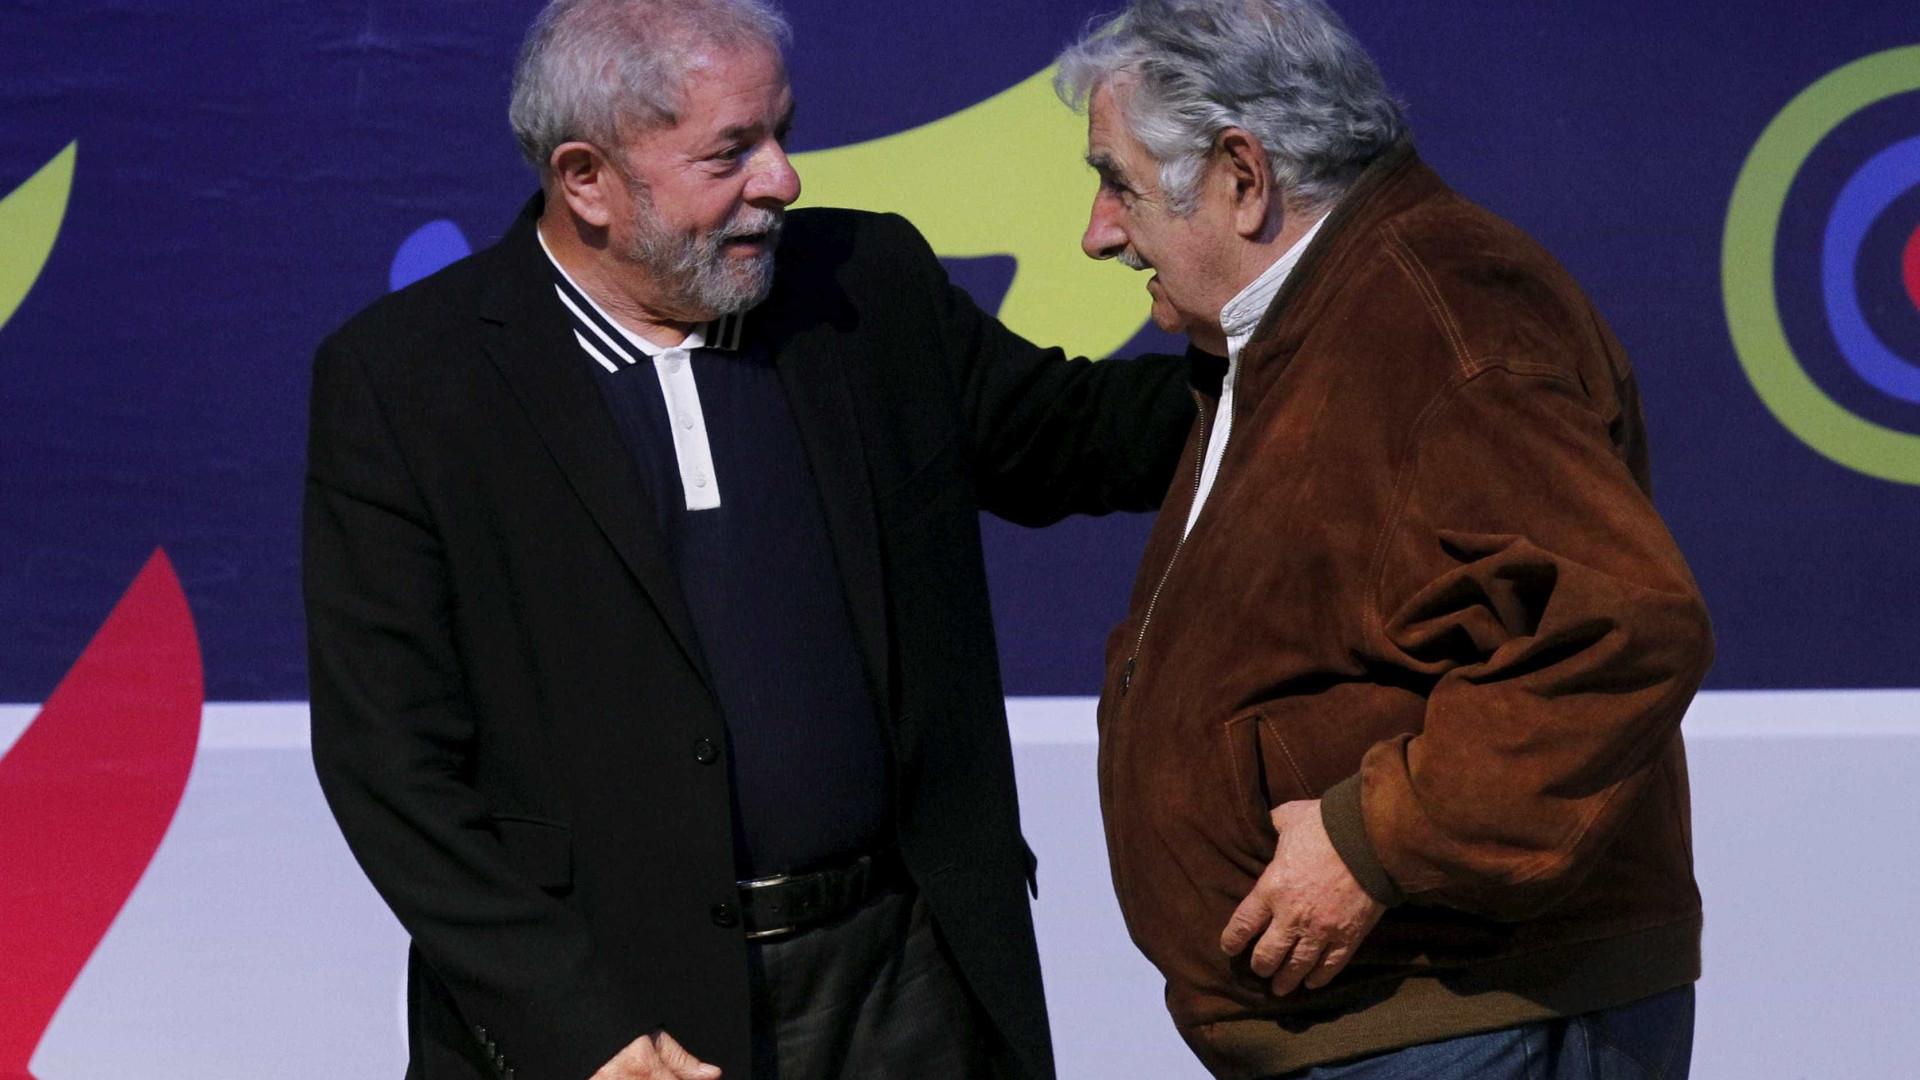 Com presença de quatro ex-presidentes, caravana de Lula avança pelo Sul